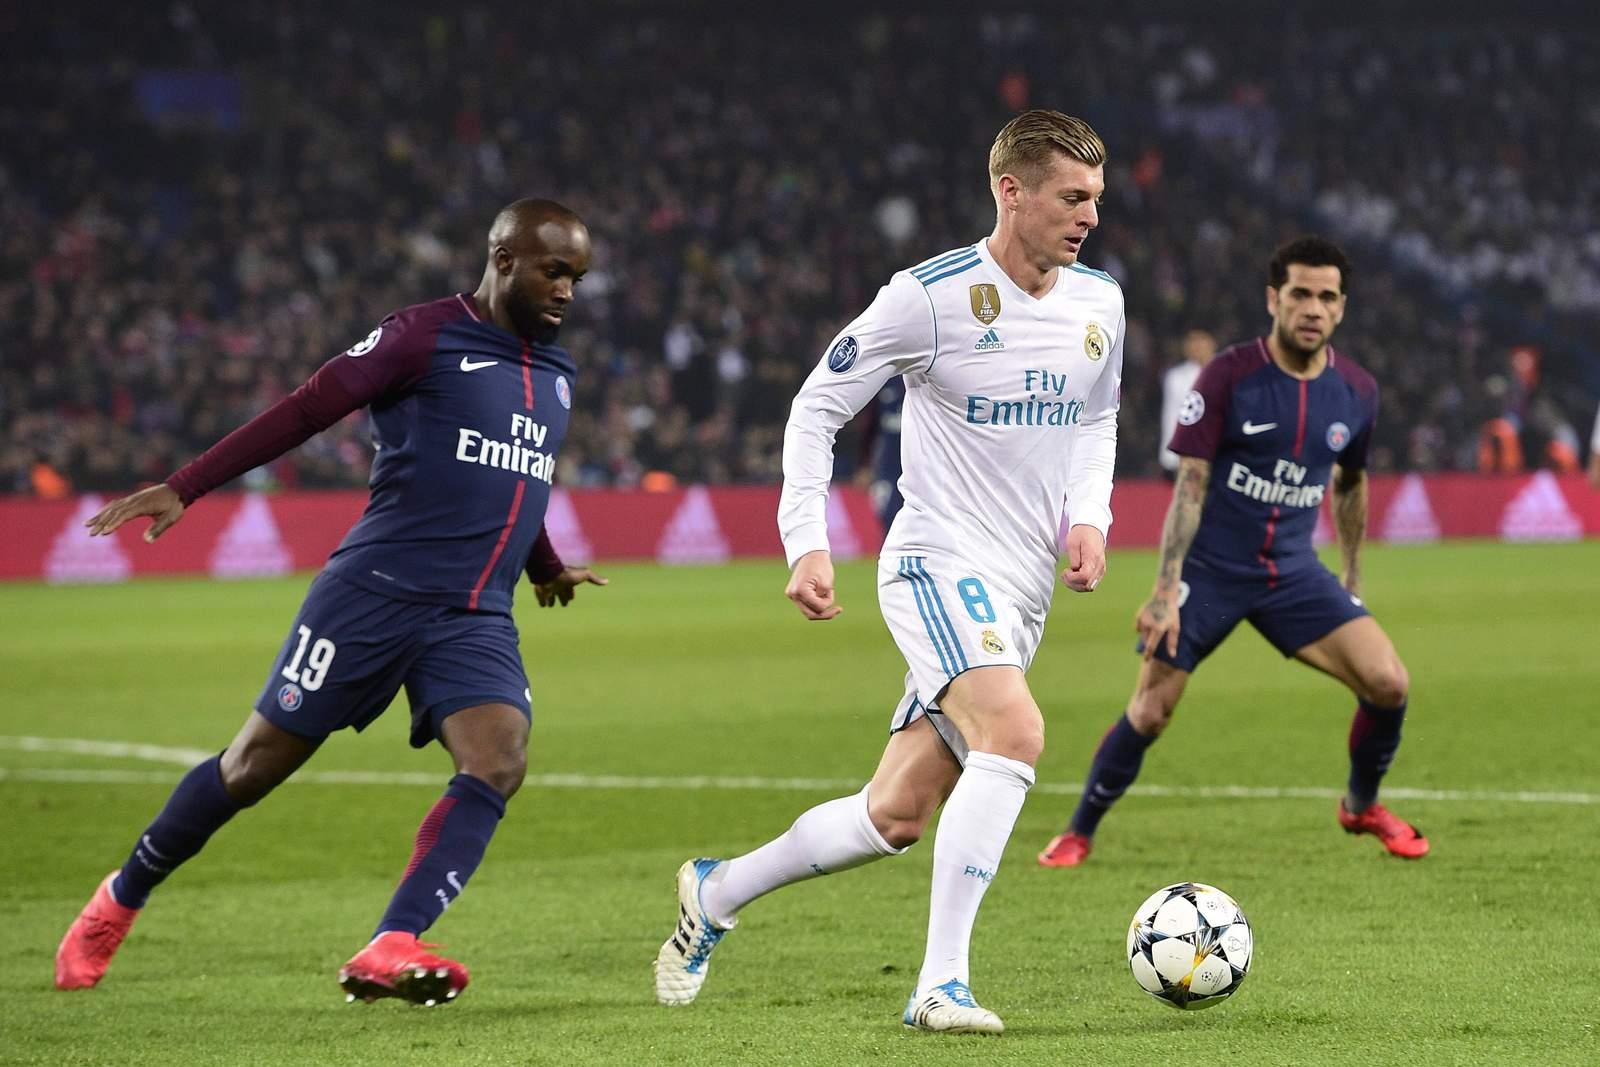 Setzt sich Kroos wieder gegen Diarra durch? Jetzt auf PSG gegen Real Madrid wetten